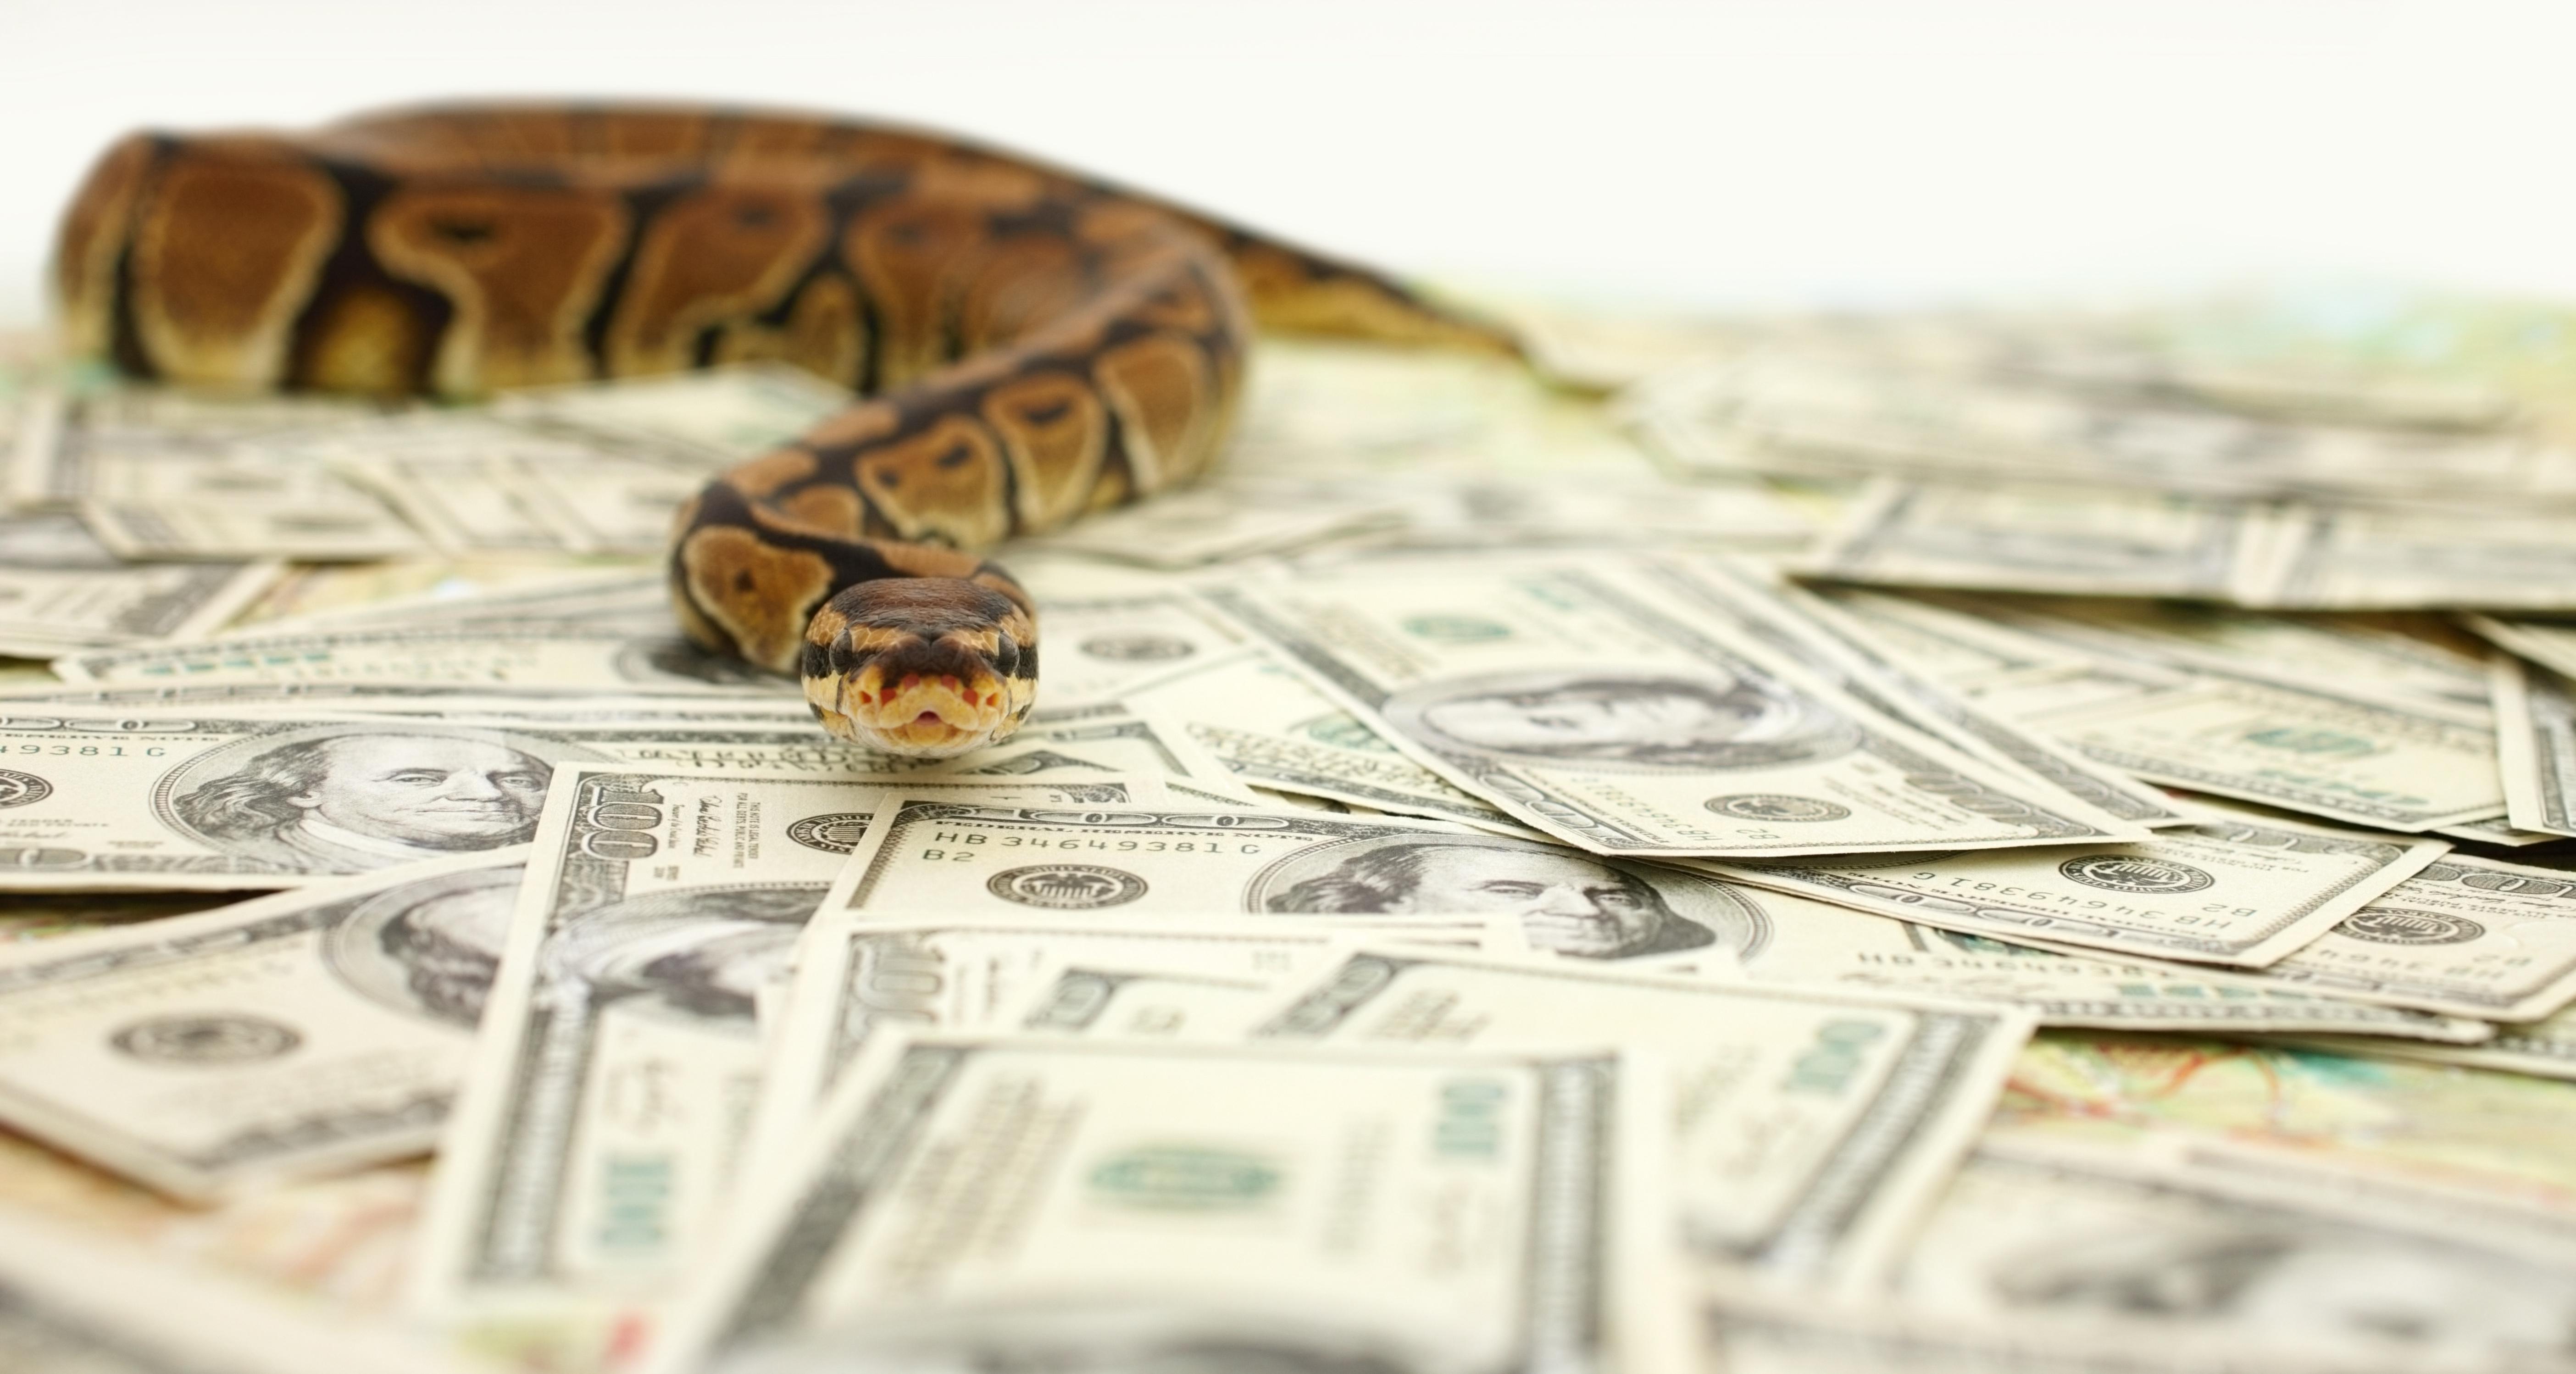 los depósitos son más seguros que algunos productos de alta rentabilidad recientes